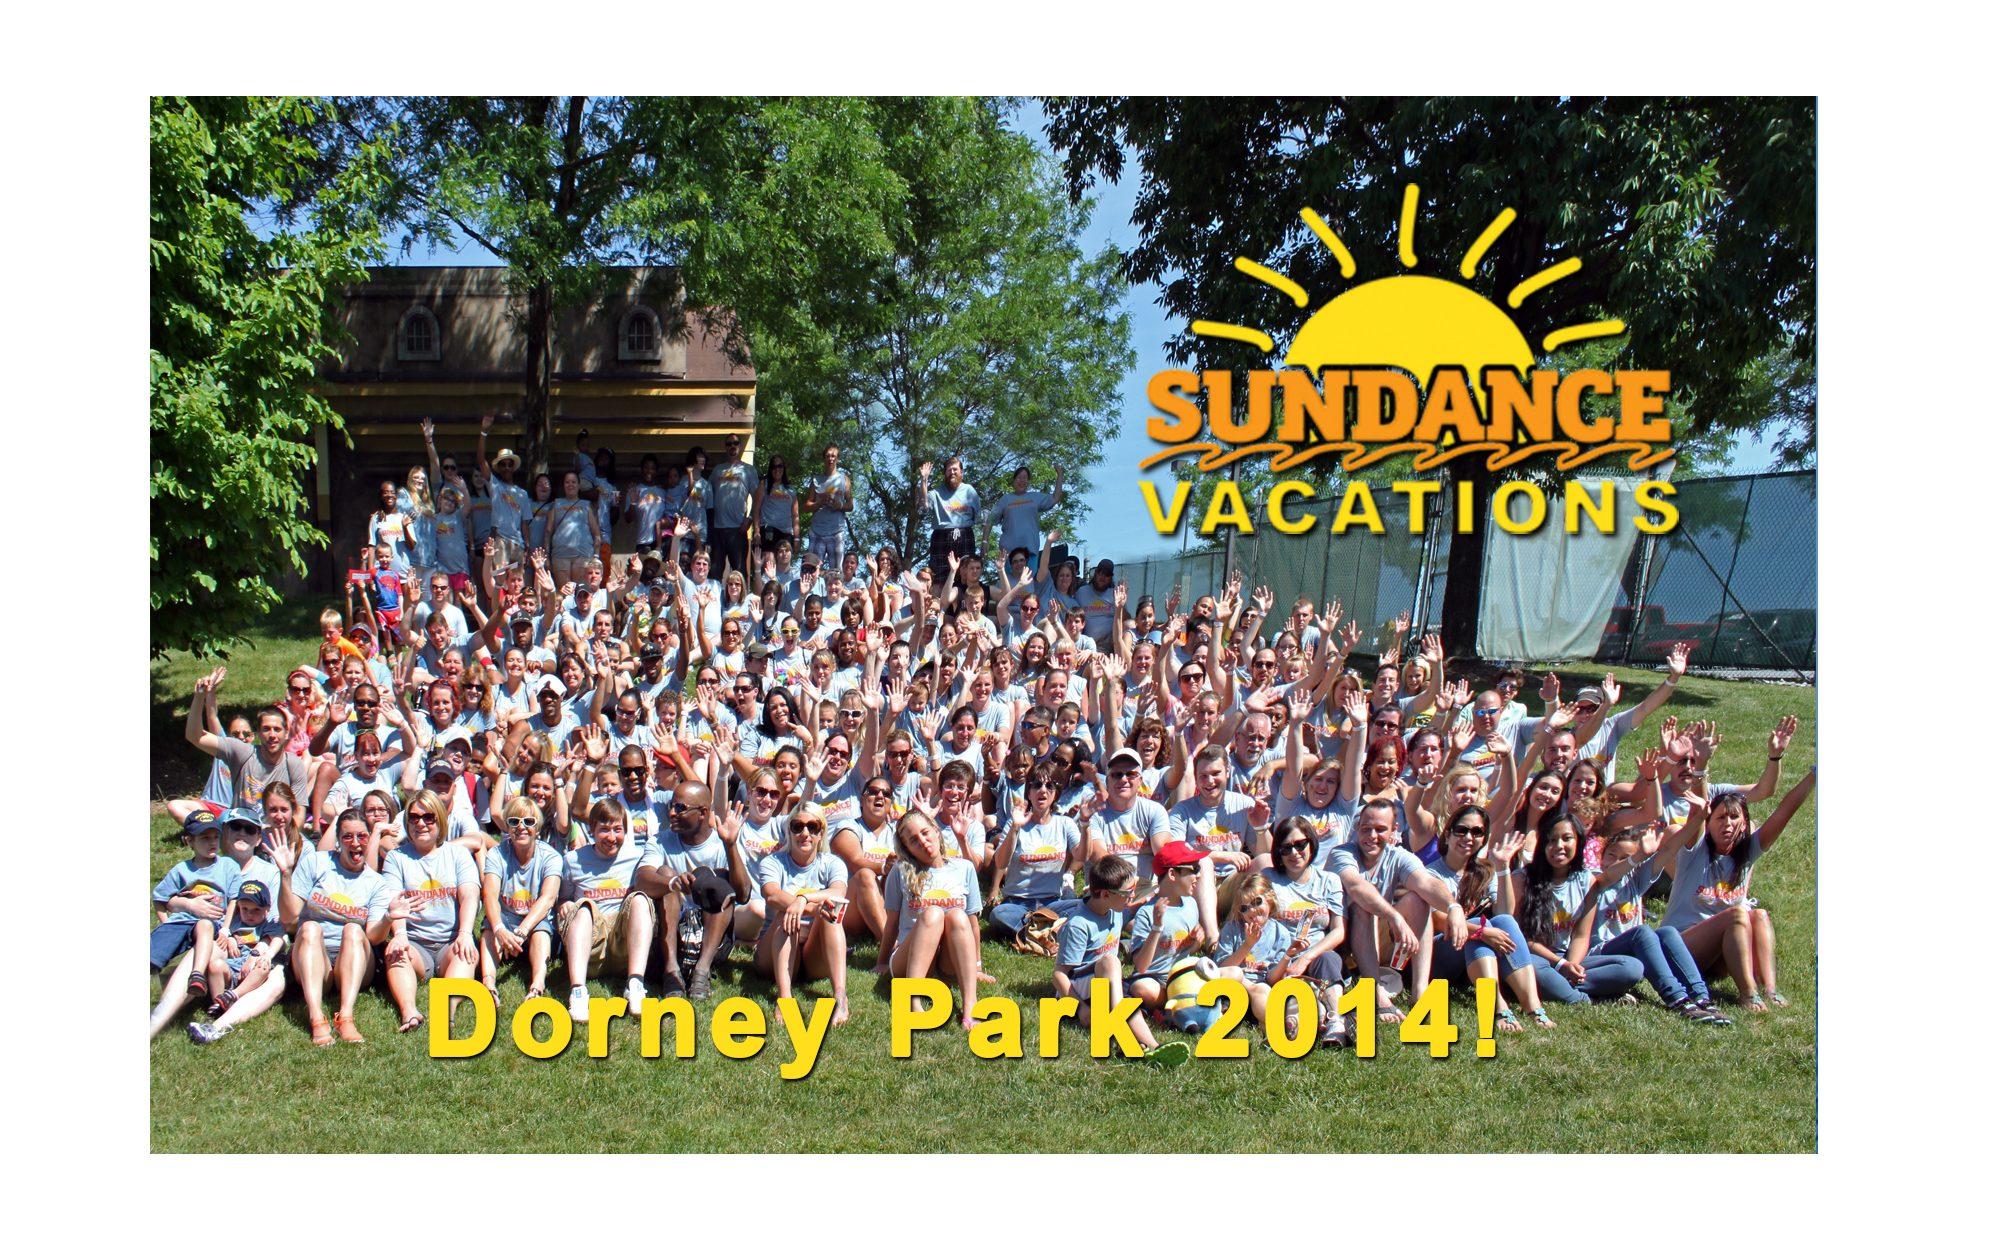 Sundance Vacations Visits Dorney Park